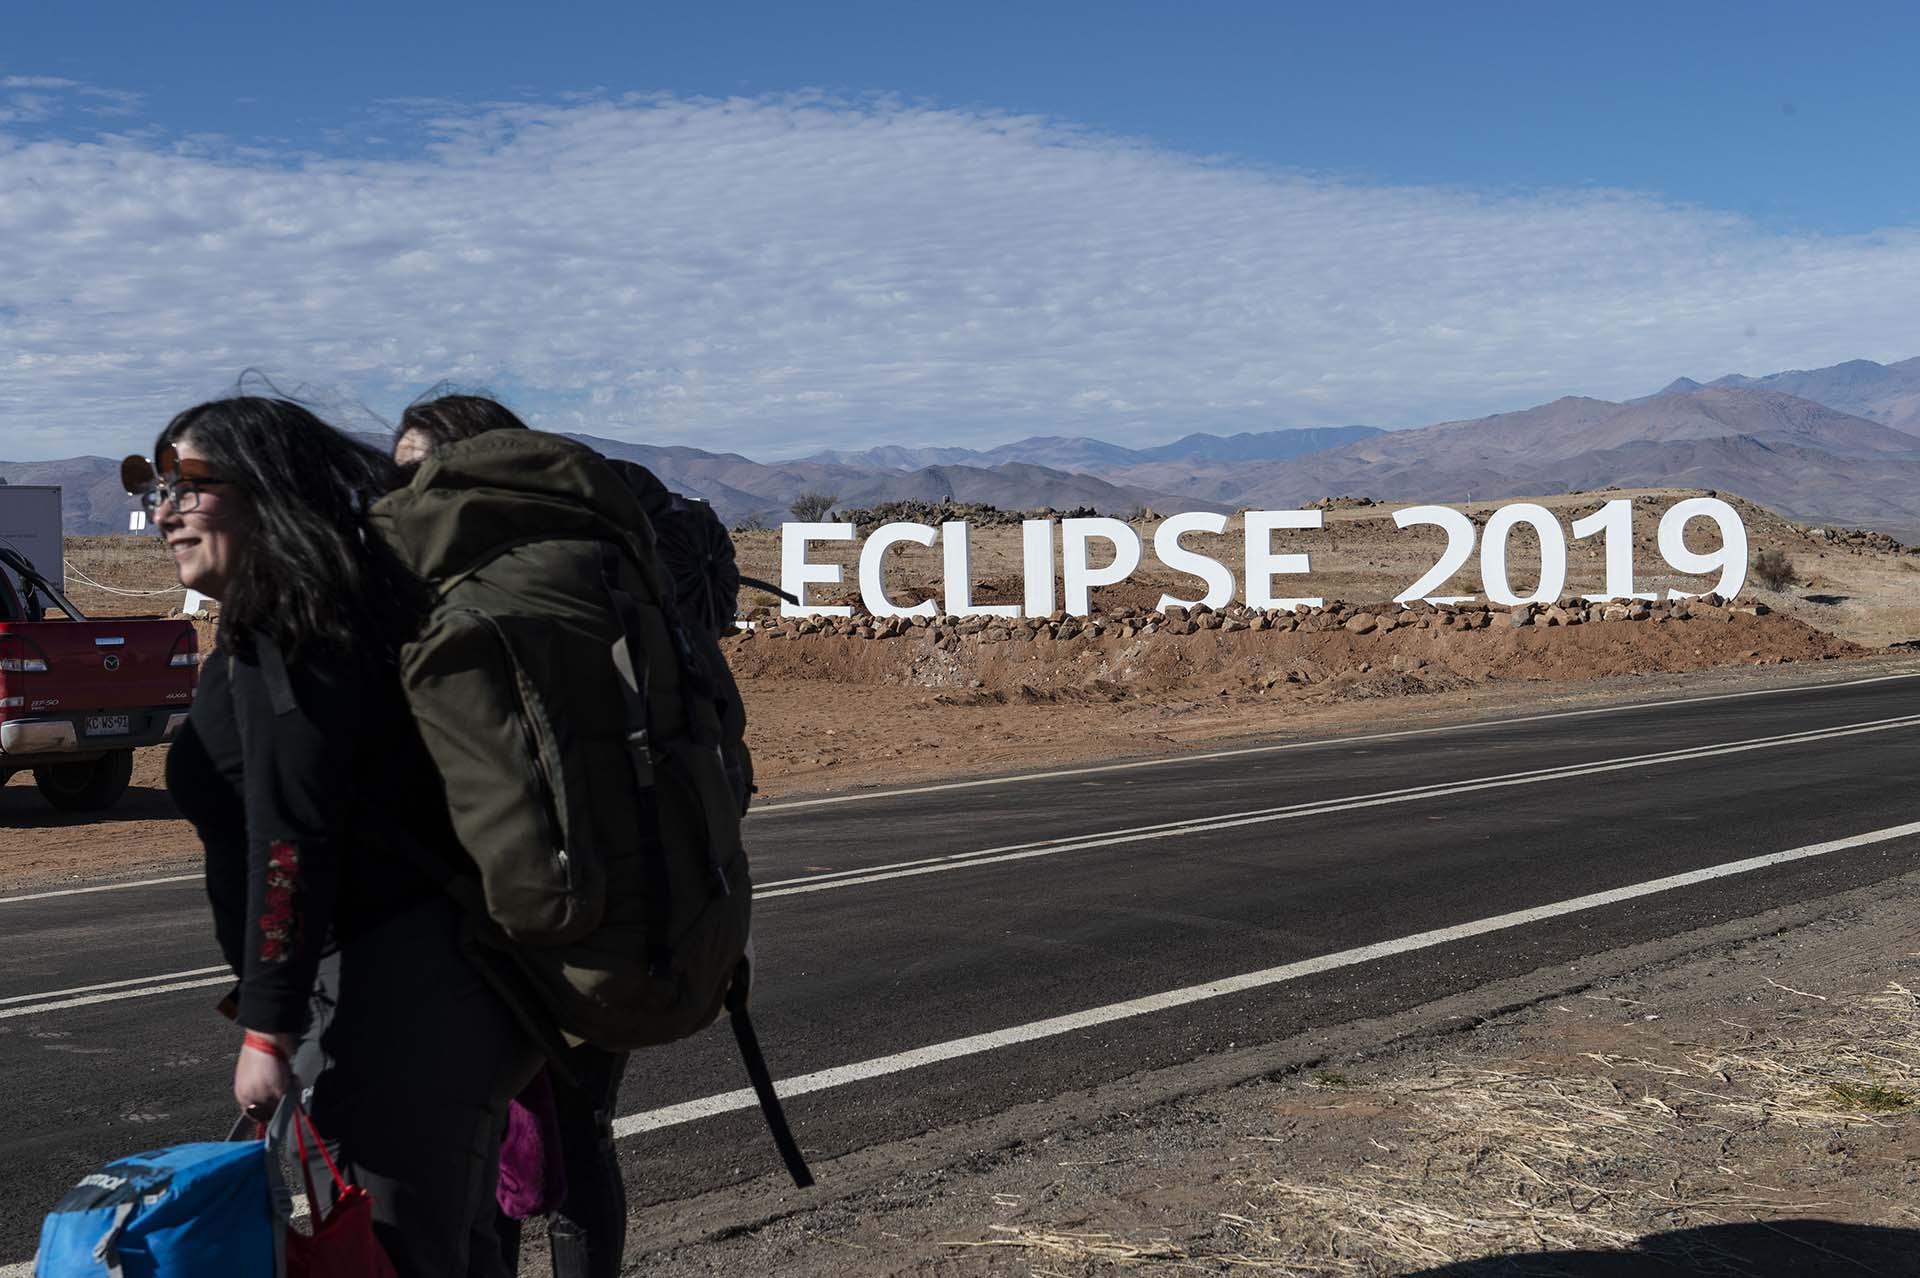 Los turistas llegan a un campamento astronómico que esperaba recibir a miles de turistas para observar el eclipse solar en la comuna de Vallenar en el desierto de Atacama unos 600 km al norte de Santiago (Photo by MARTIN BERNETTI / AFP)